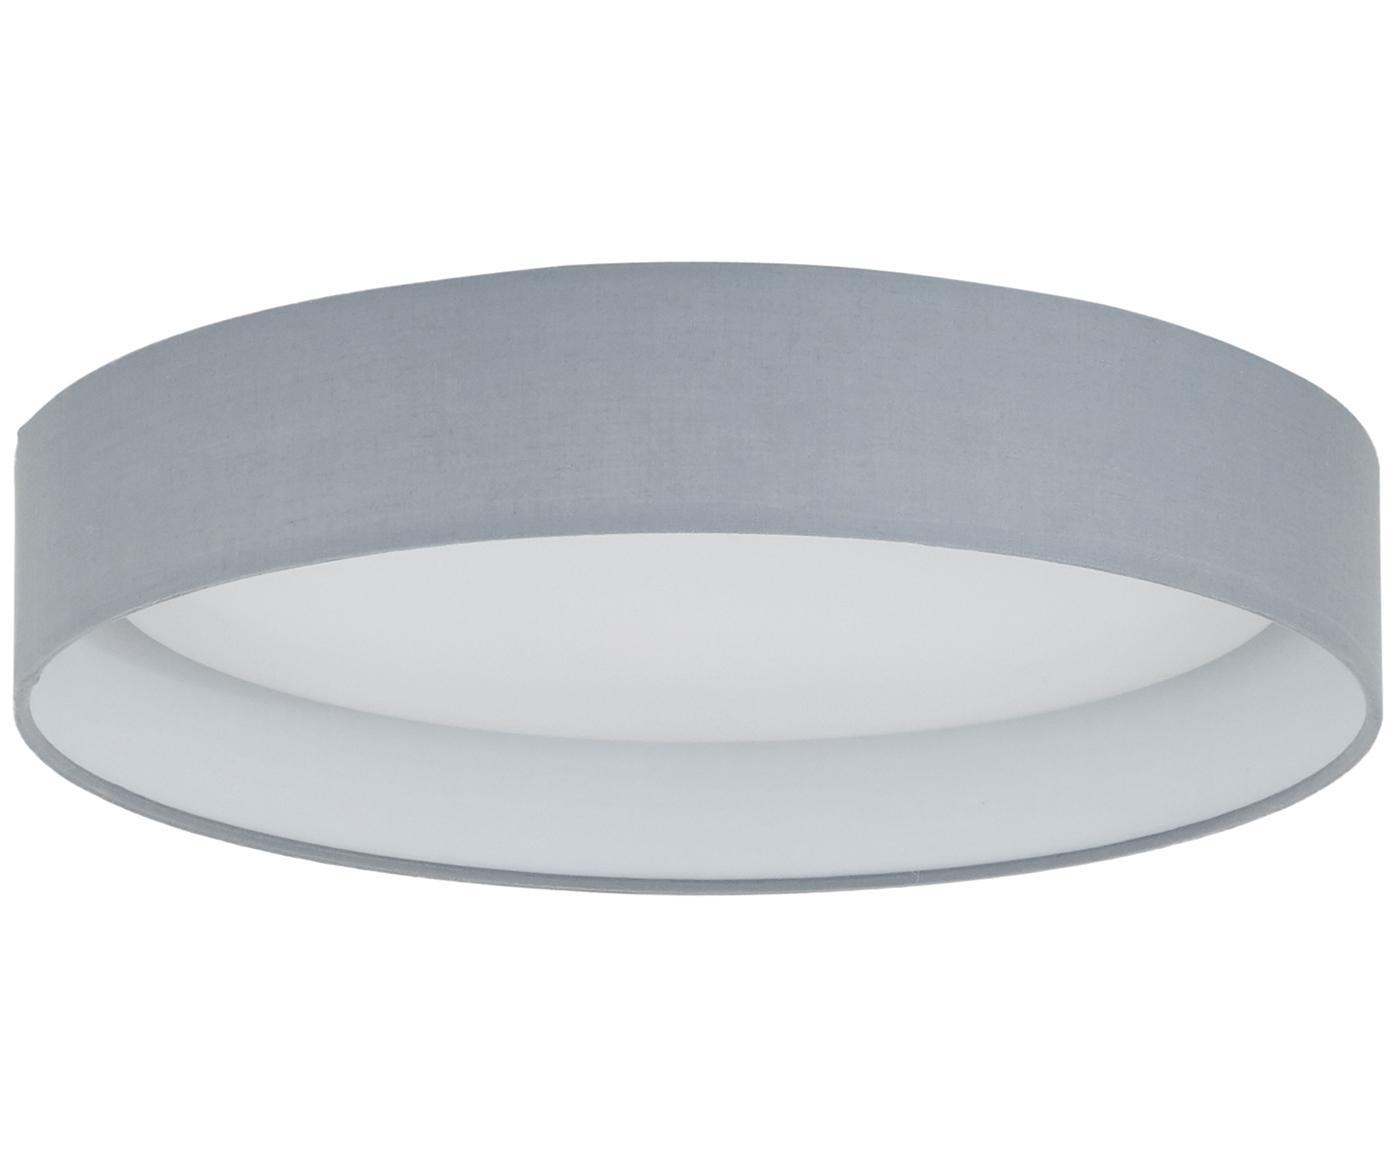 LED-Deckenleuchte Helen, Rahmen: Metall, Diffusorscheibe: Kunststoff, Grau, ∅ 35 x H 7 cm